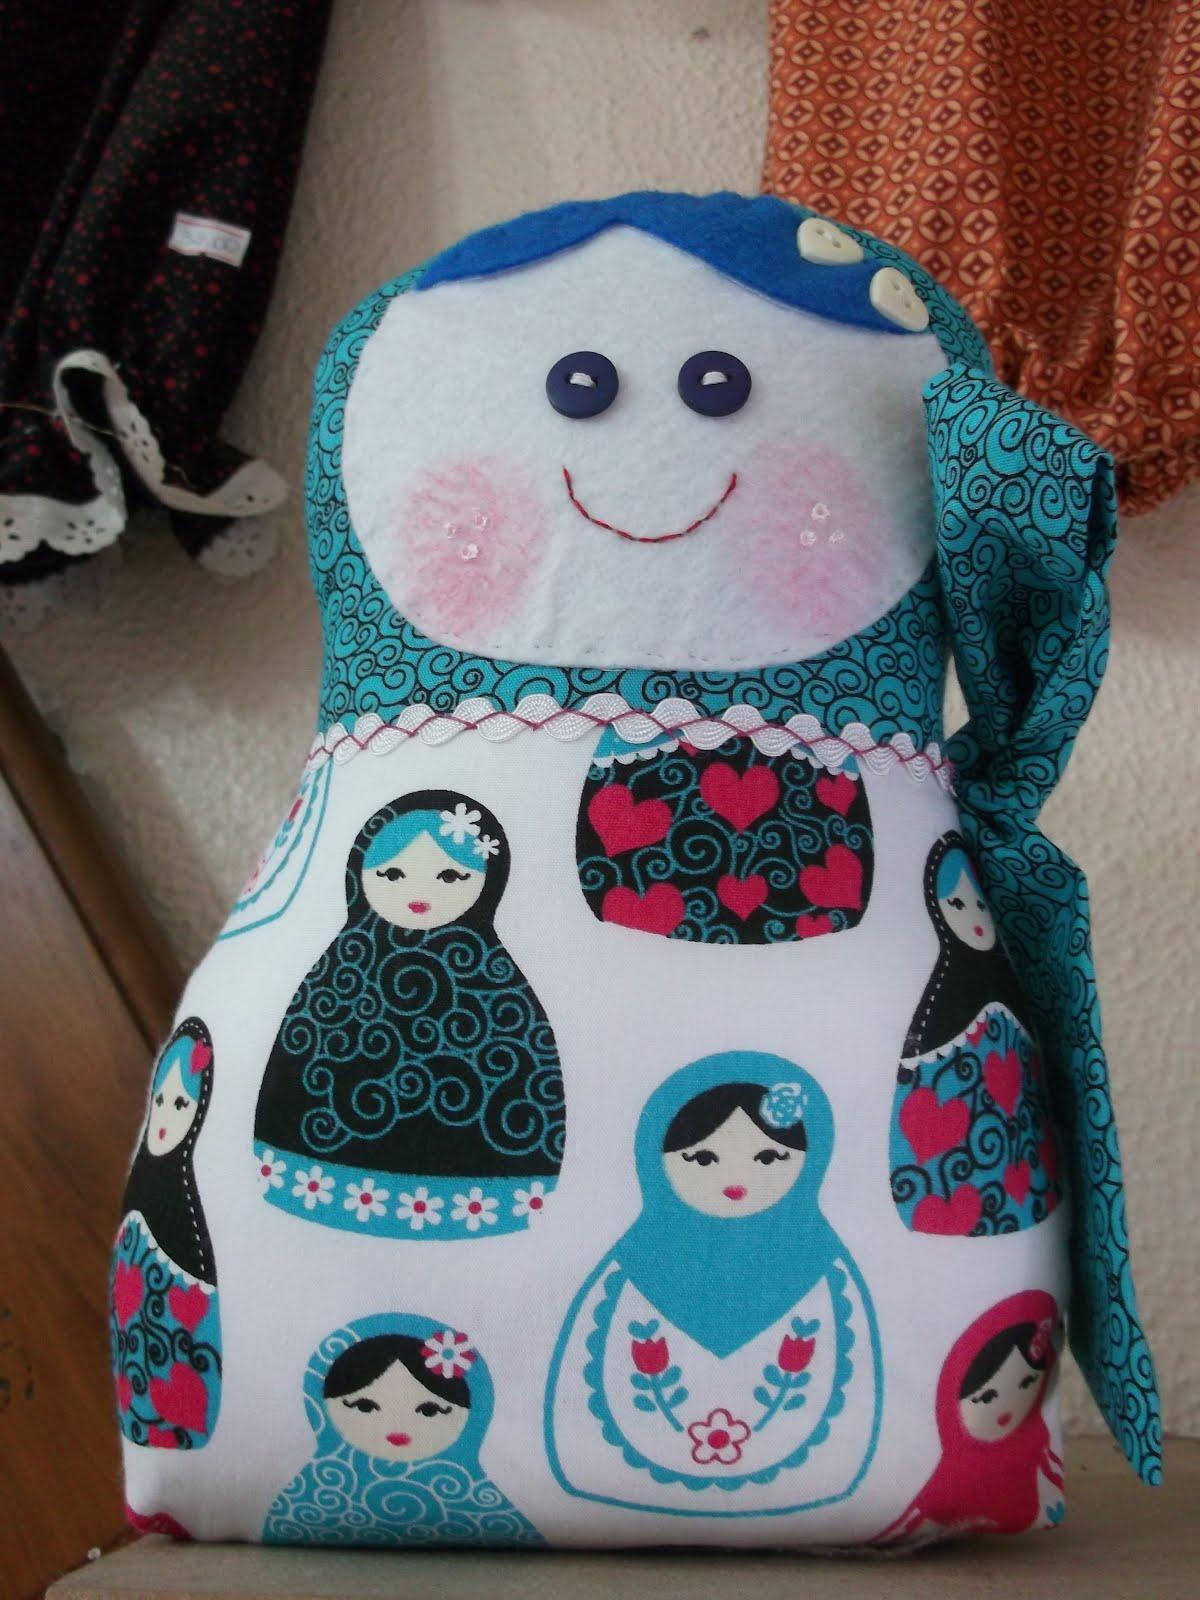 Atelier arte e magia boneca da sorte matrioska - Matrioska in terapia ...